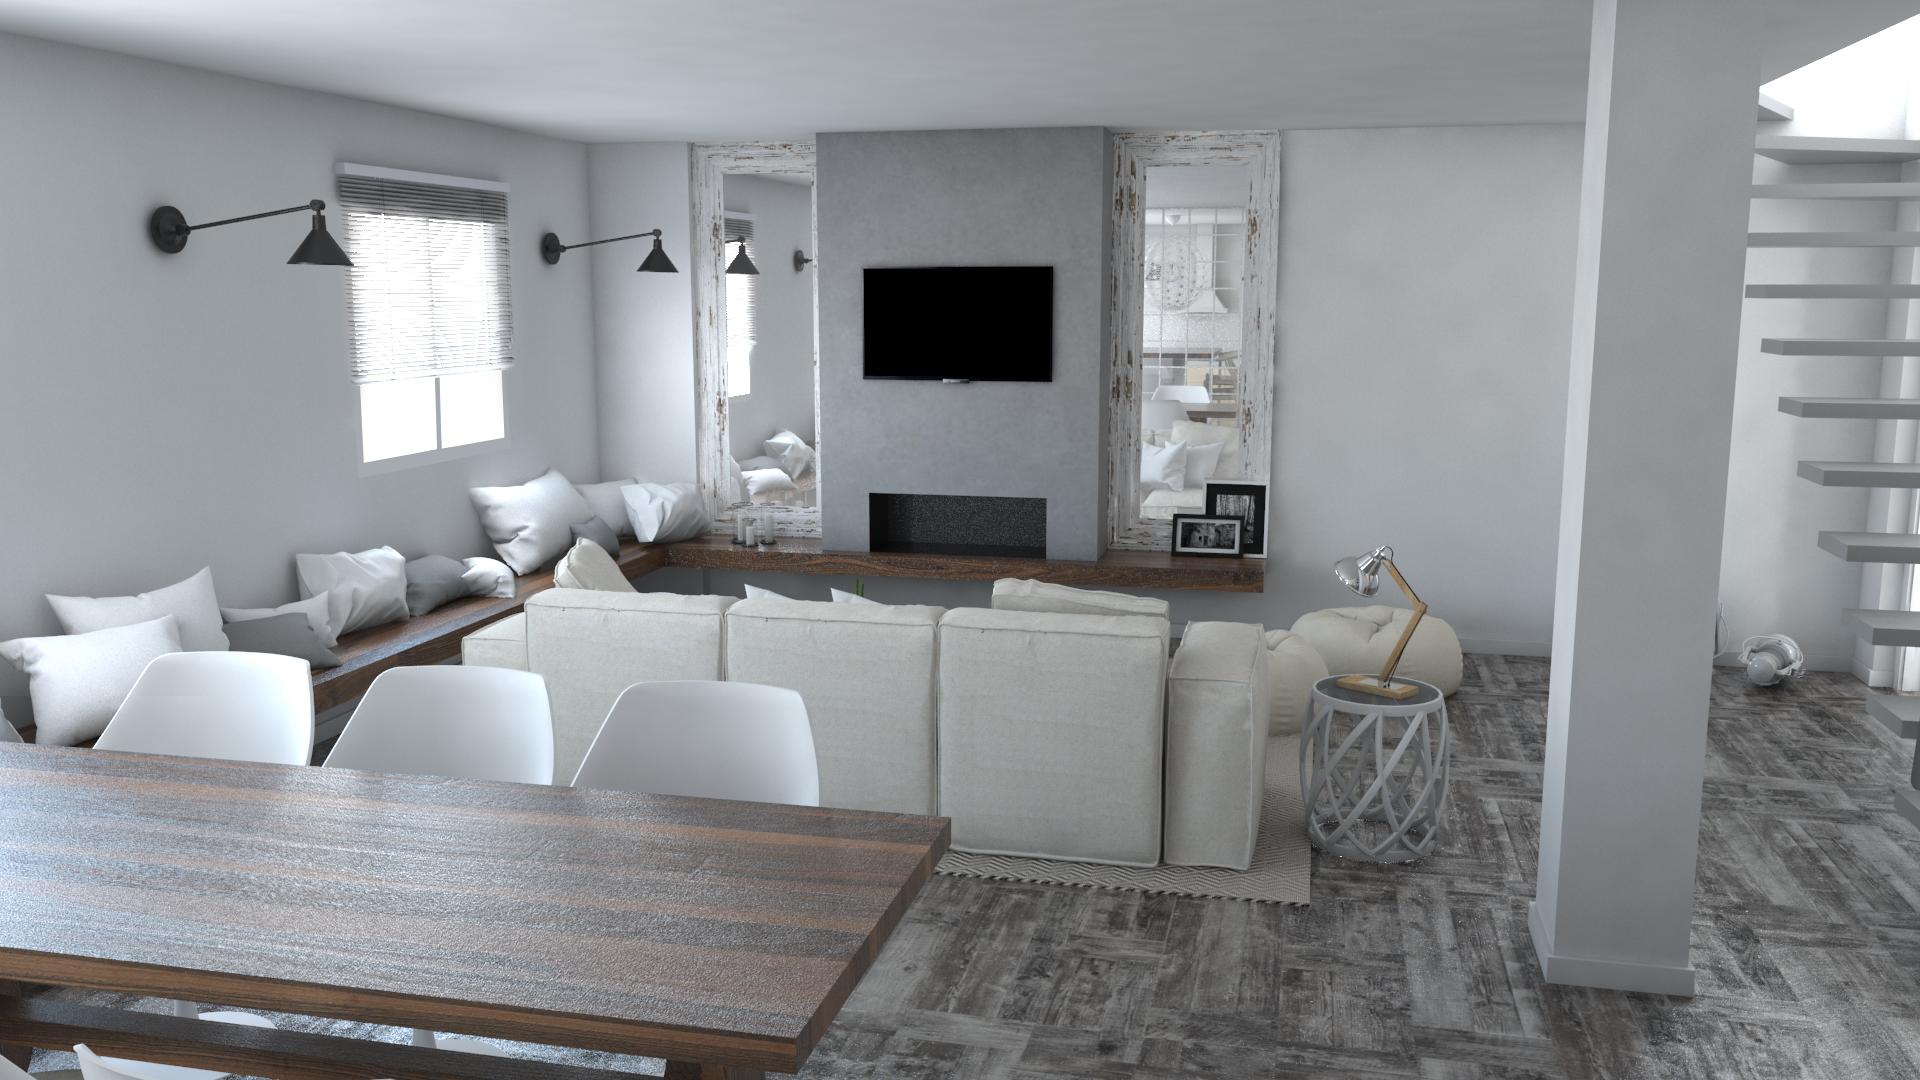 Proyecto de interiorismo y creaci n de mobiliario en una - Cocobolo granada ...